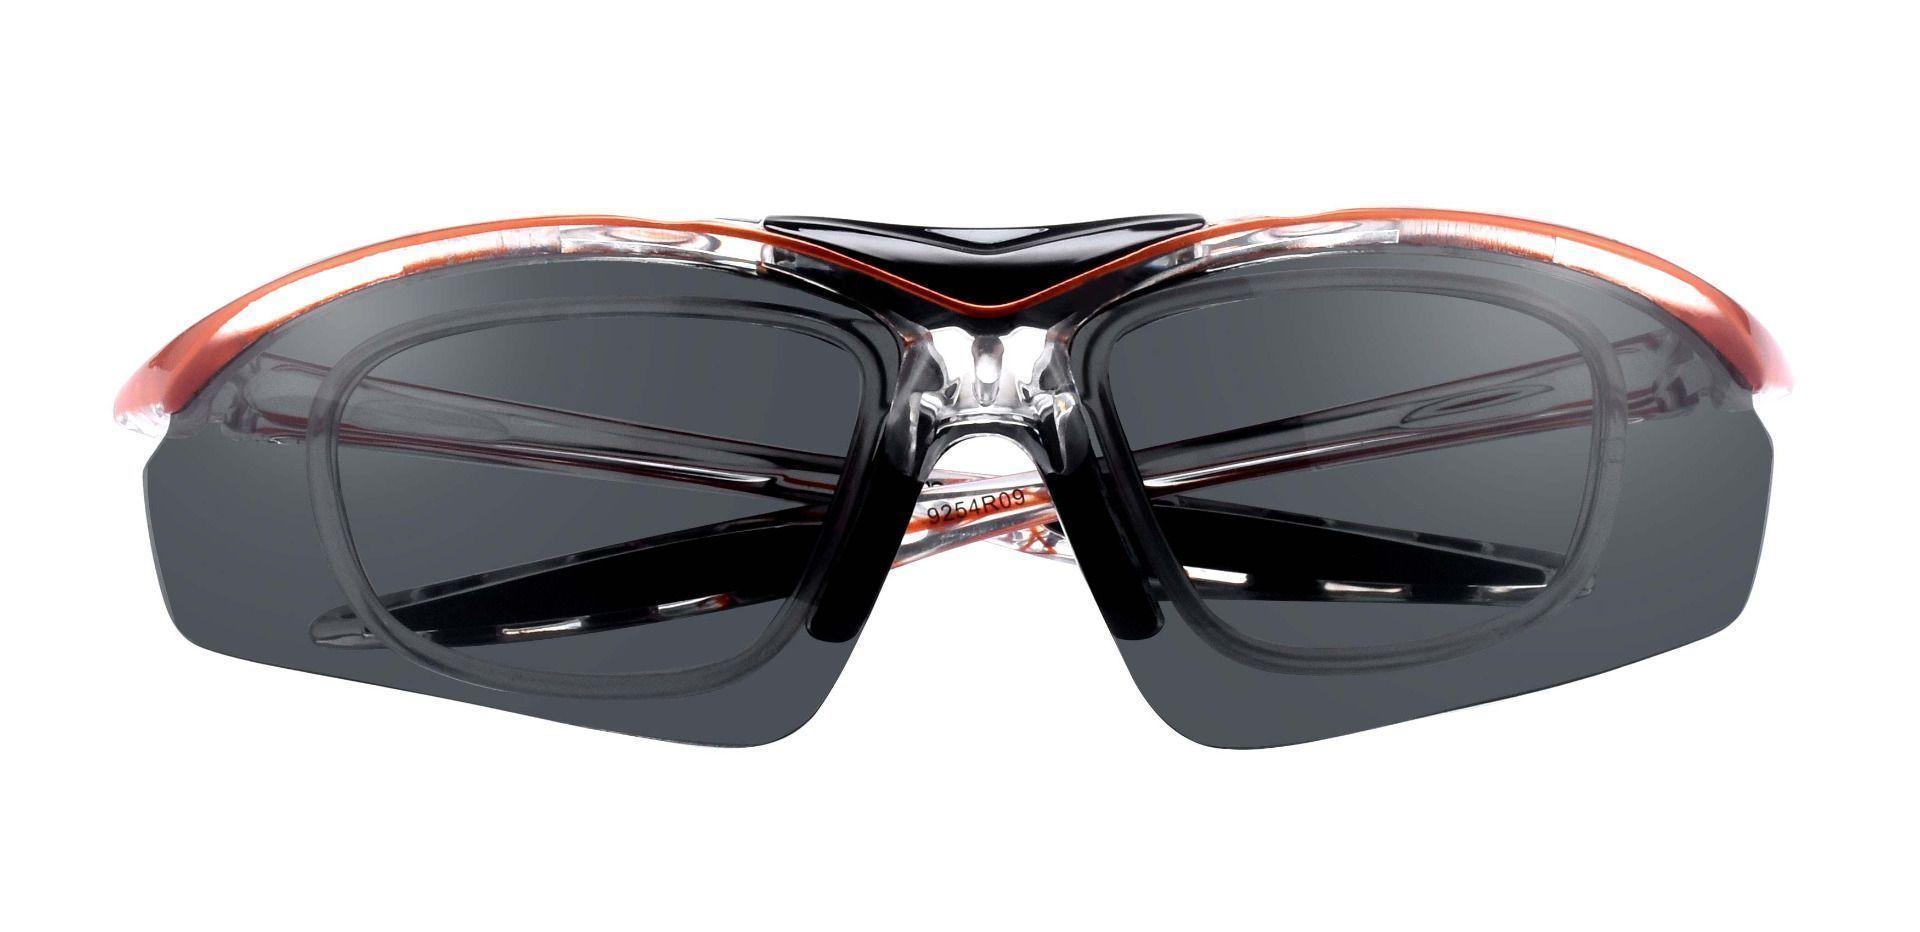 Sullivan Sport Glasses Prescription Glasses - Orange